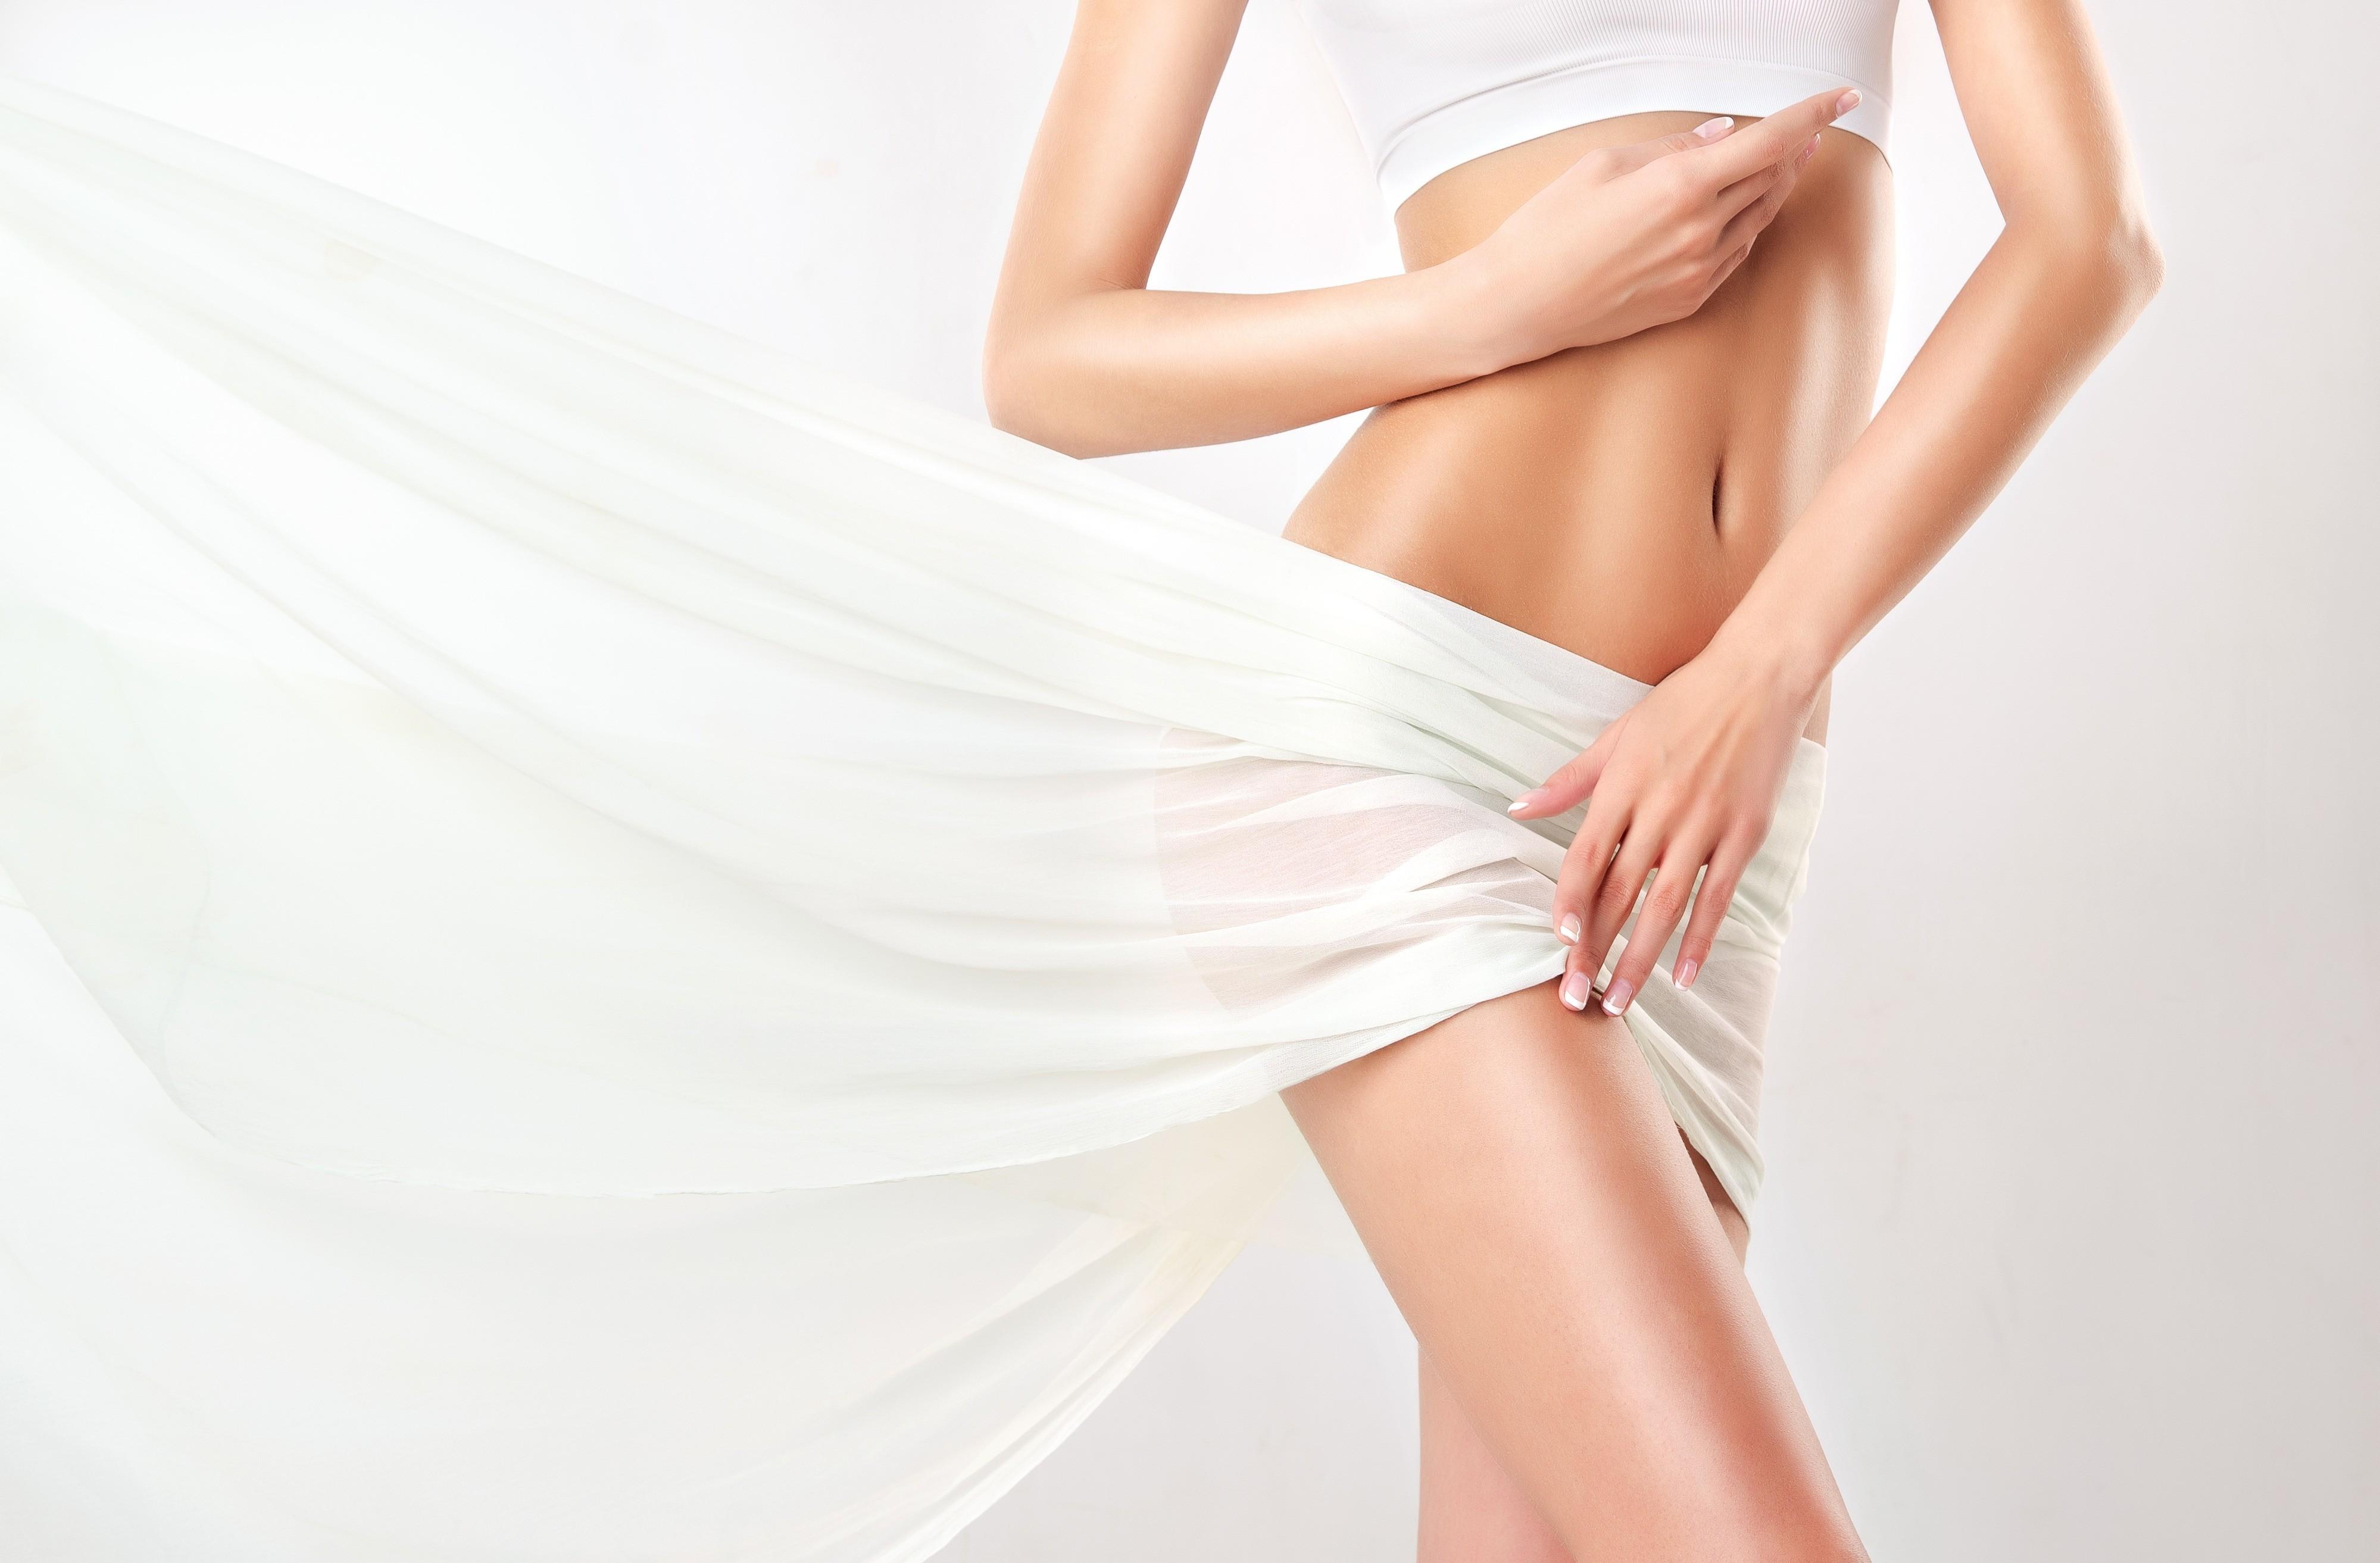 Миома матки — не приговор: 3 варианта лечения и ситуации, когда не избежать удаления